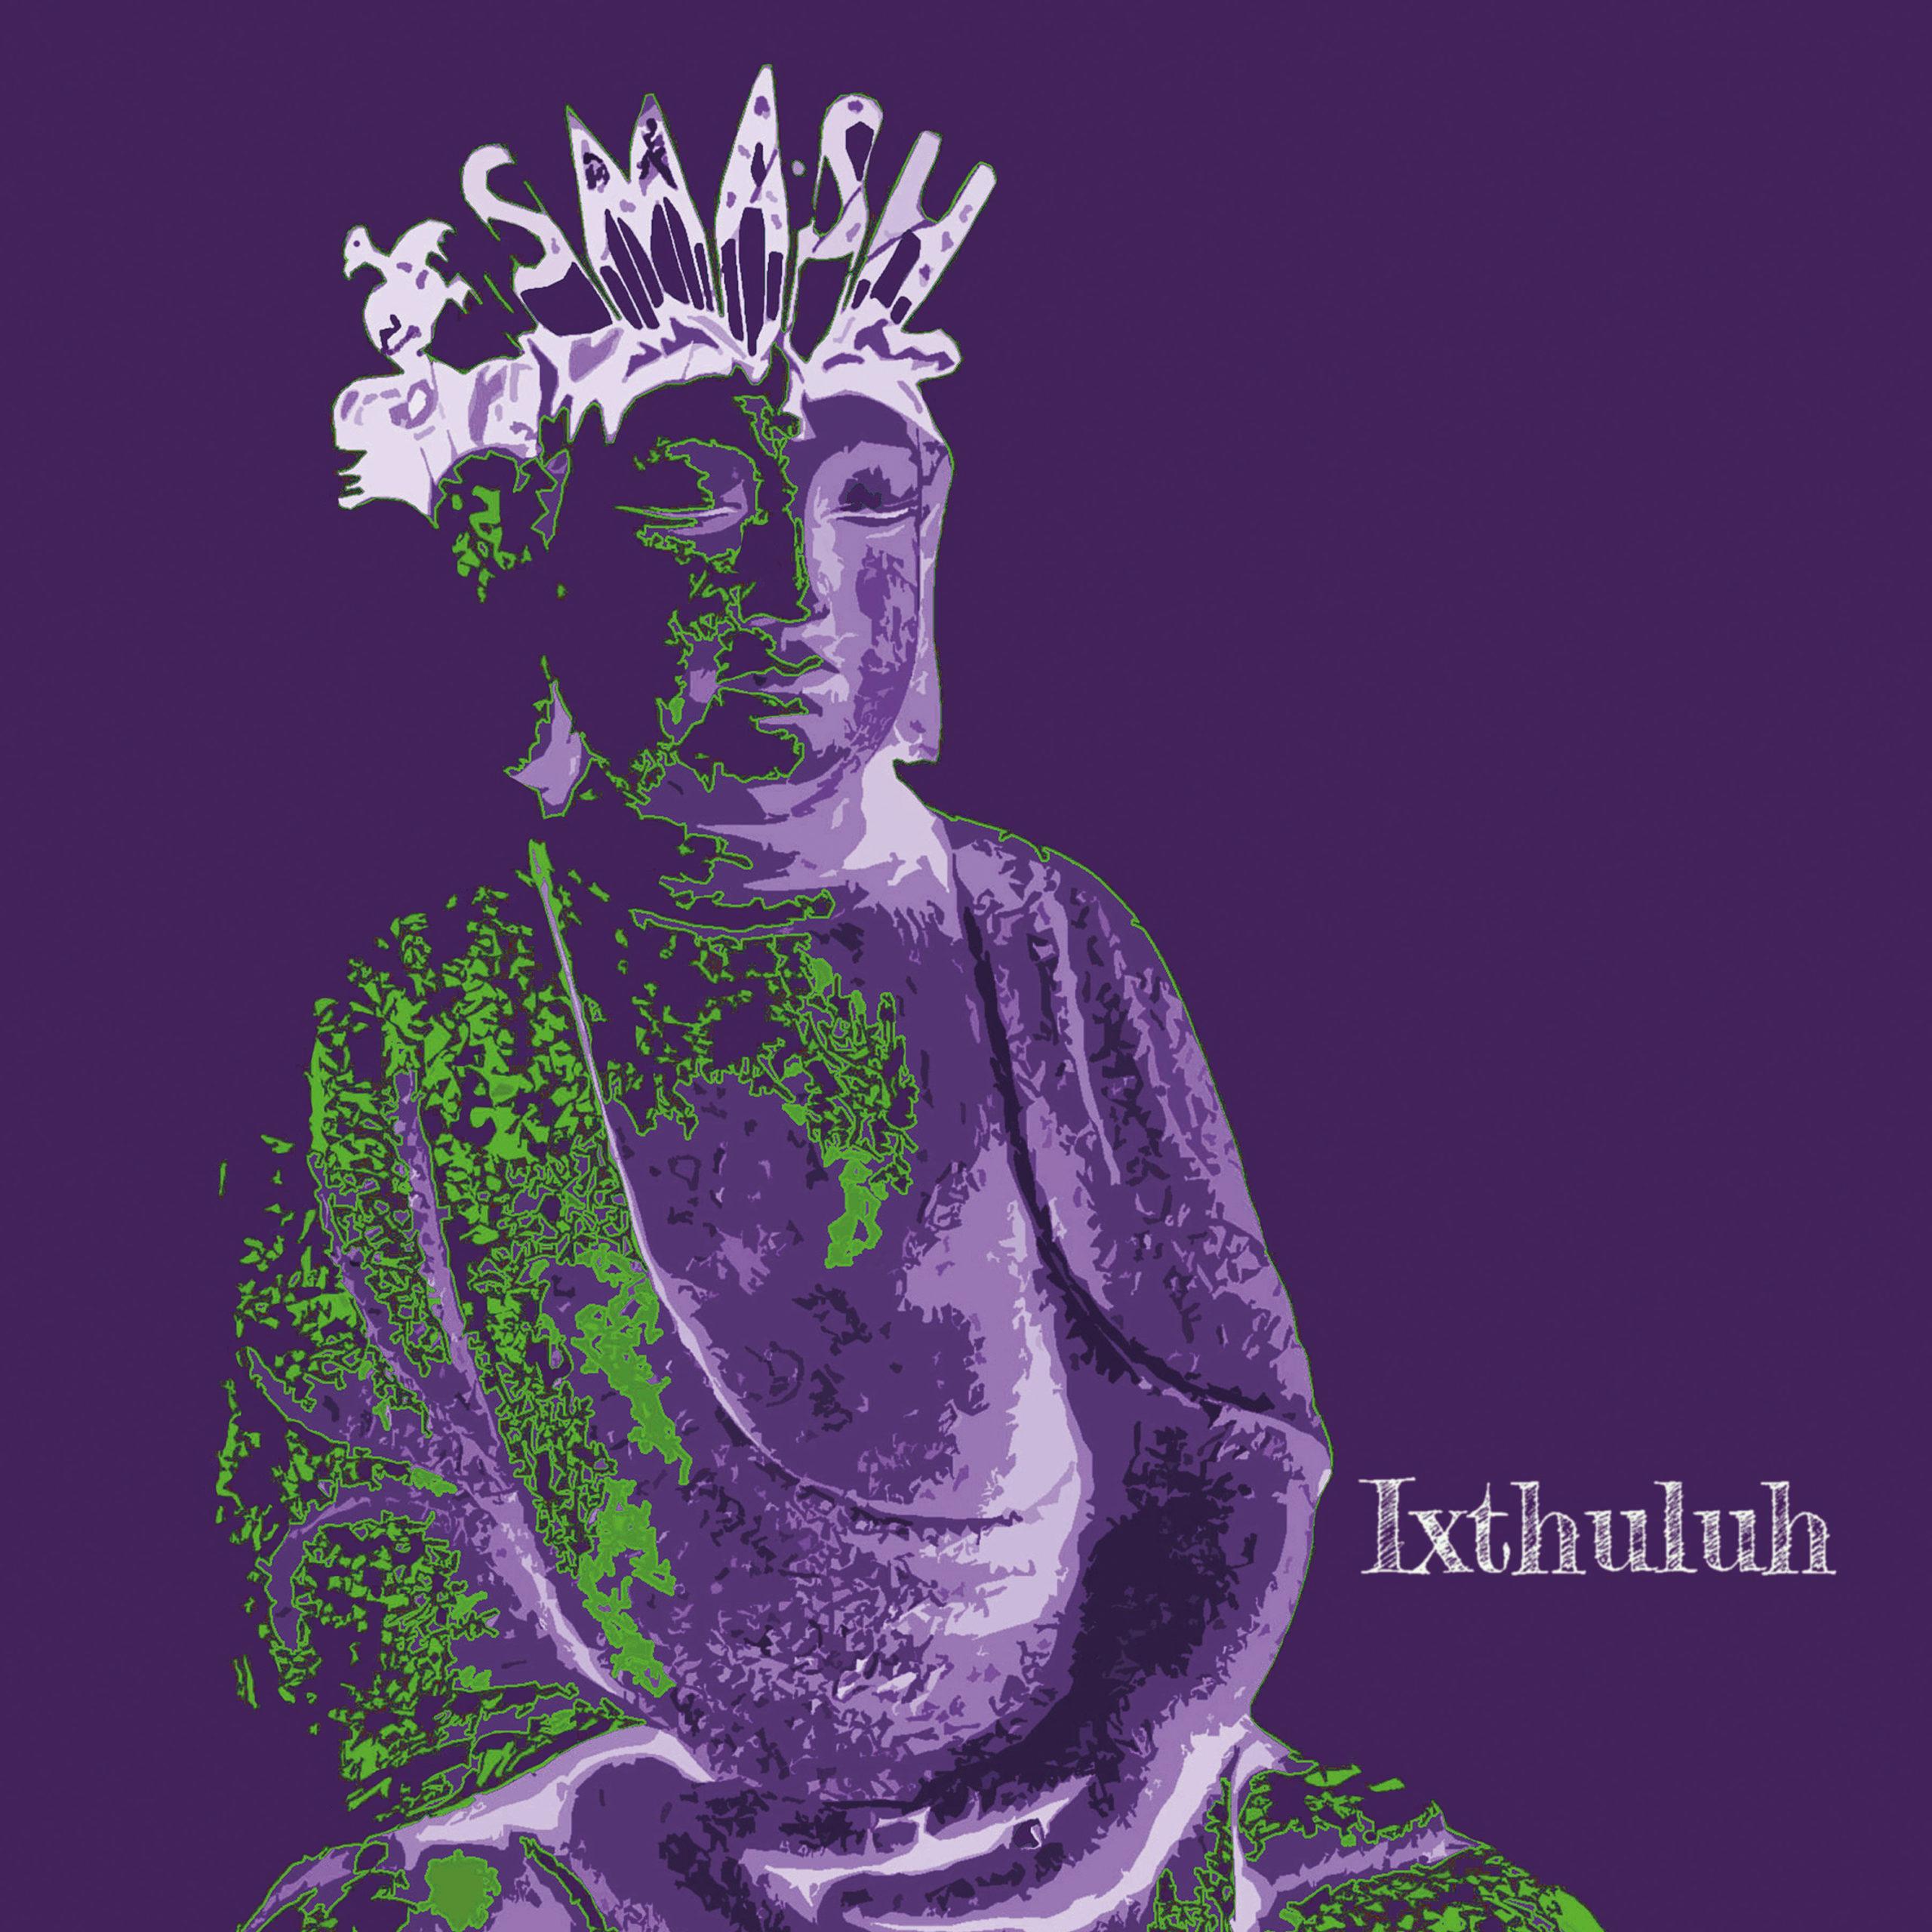 Ixthuluh Smash Album Cover Vinyl Artwork Austria Music